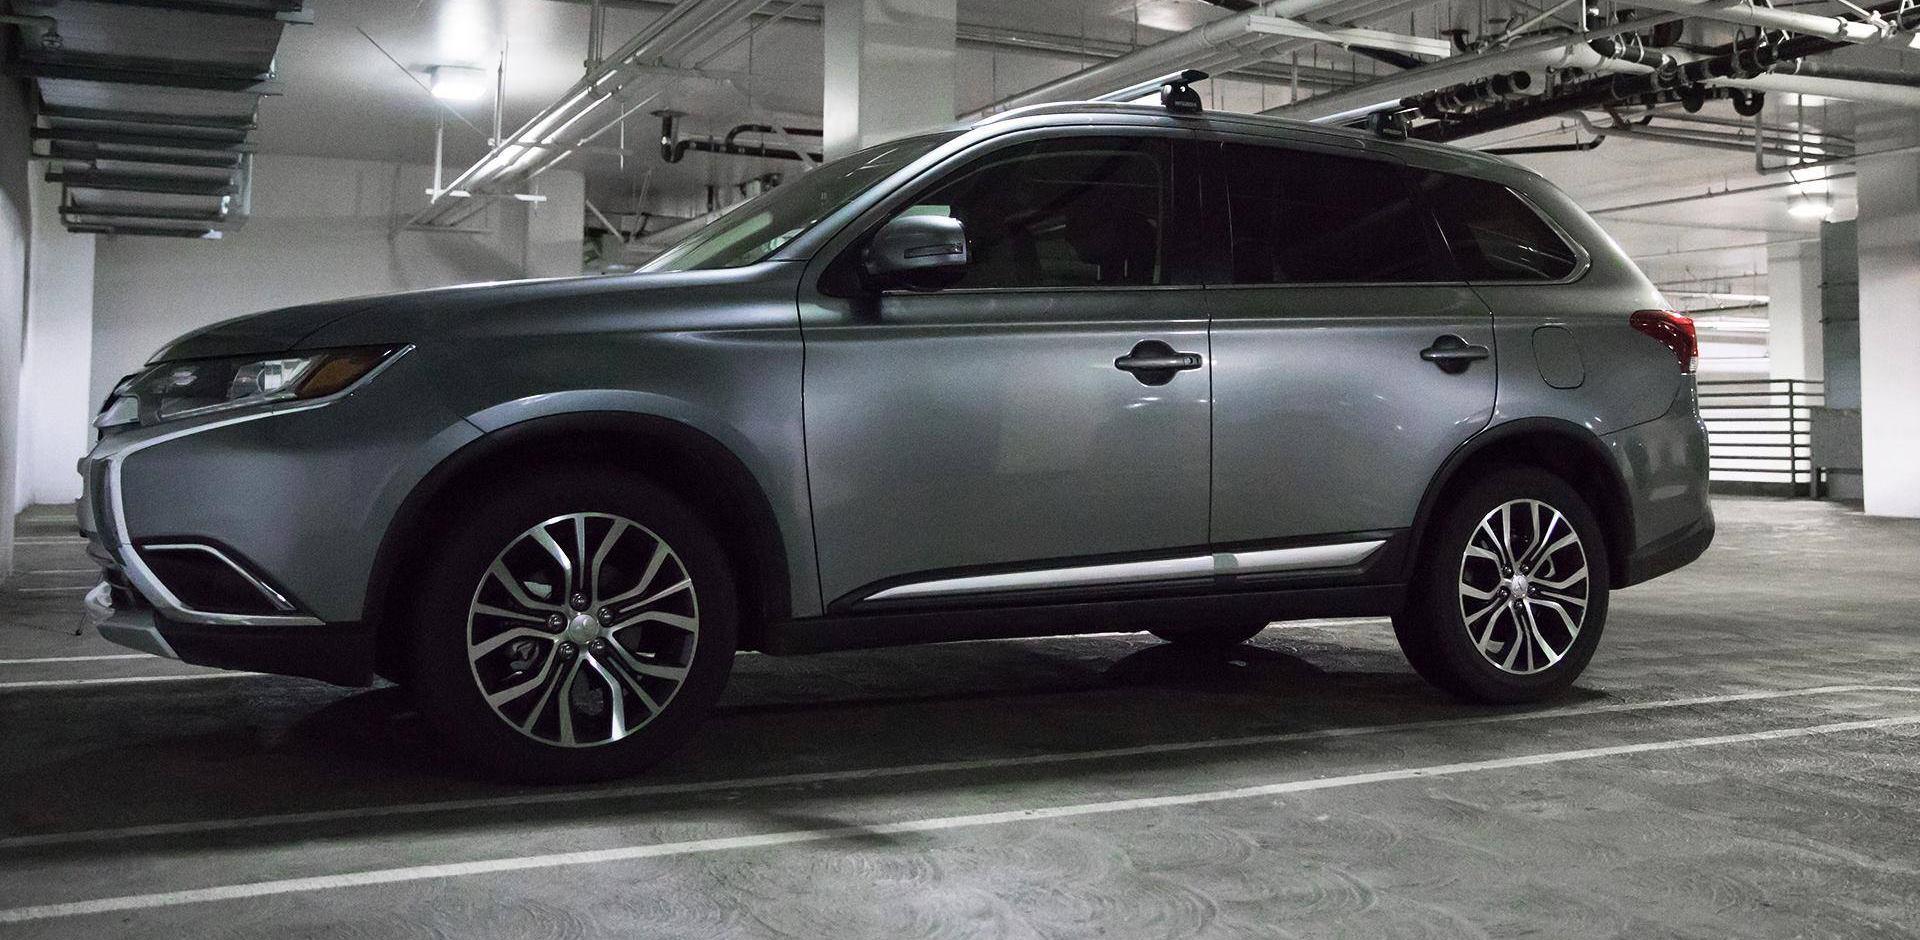 VIDEO: Stari-novi vladar cesta Mitsubishi Outlander 2018